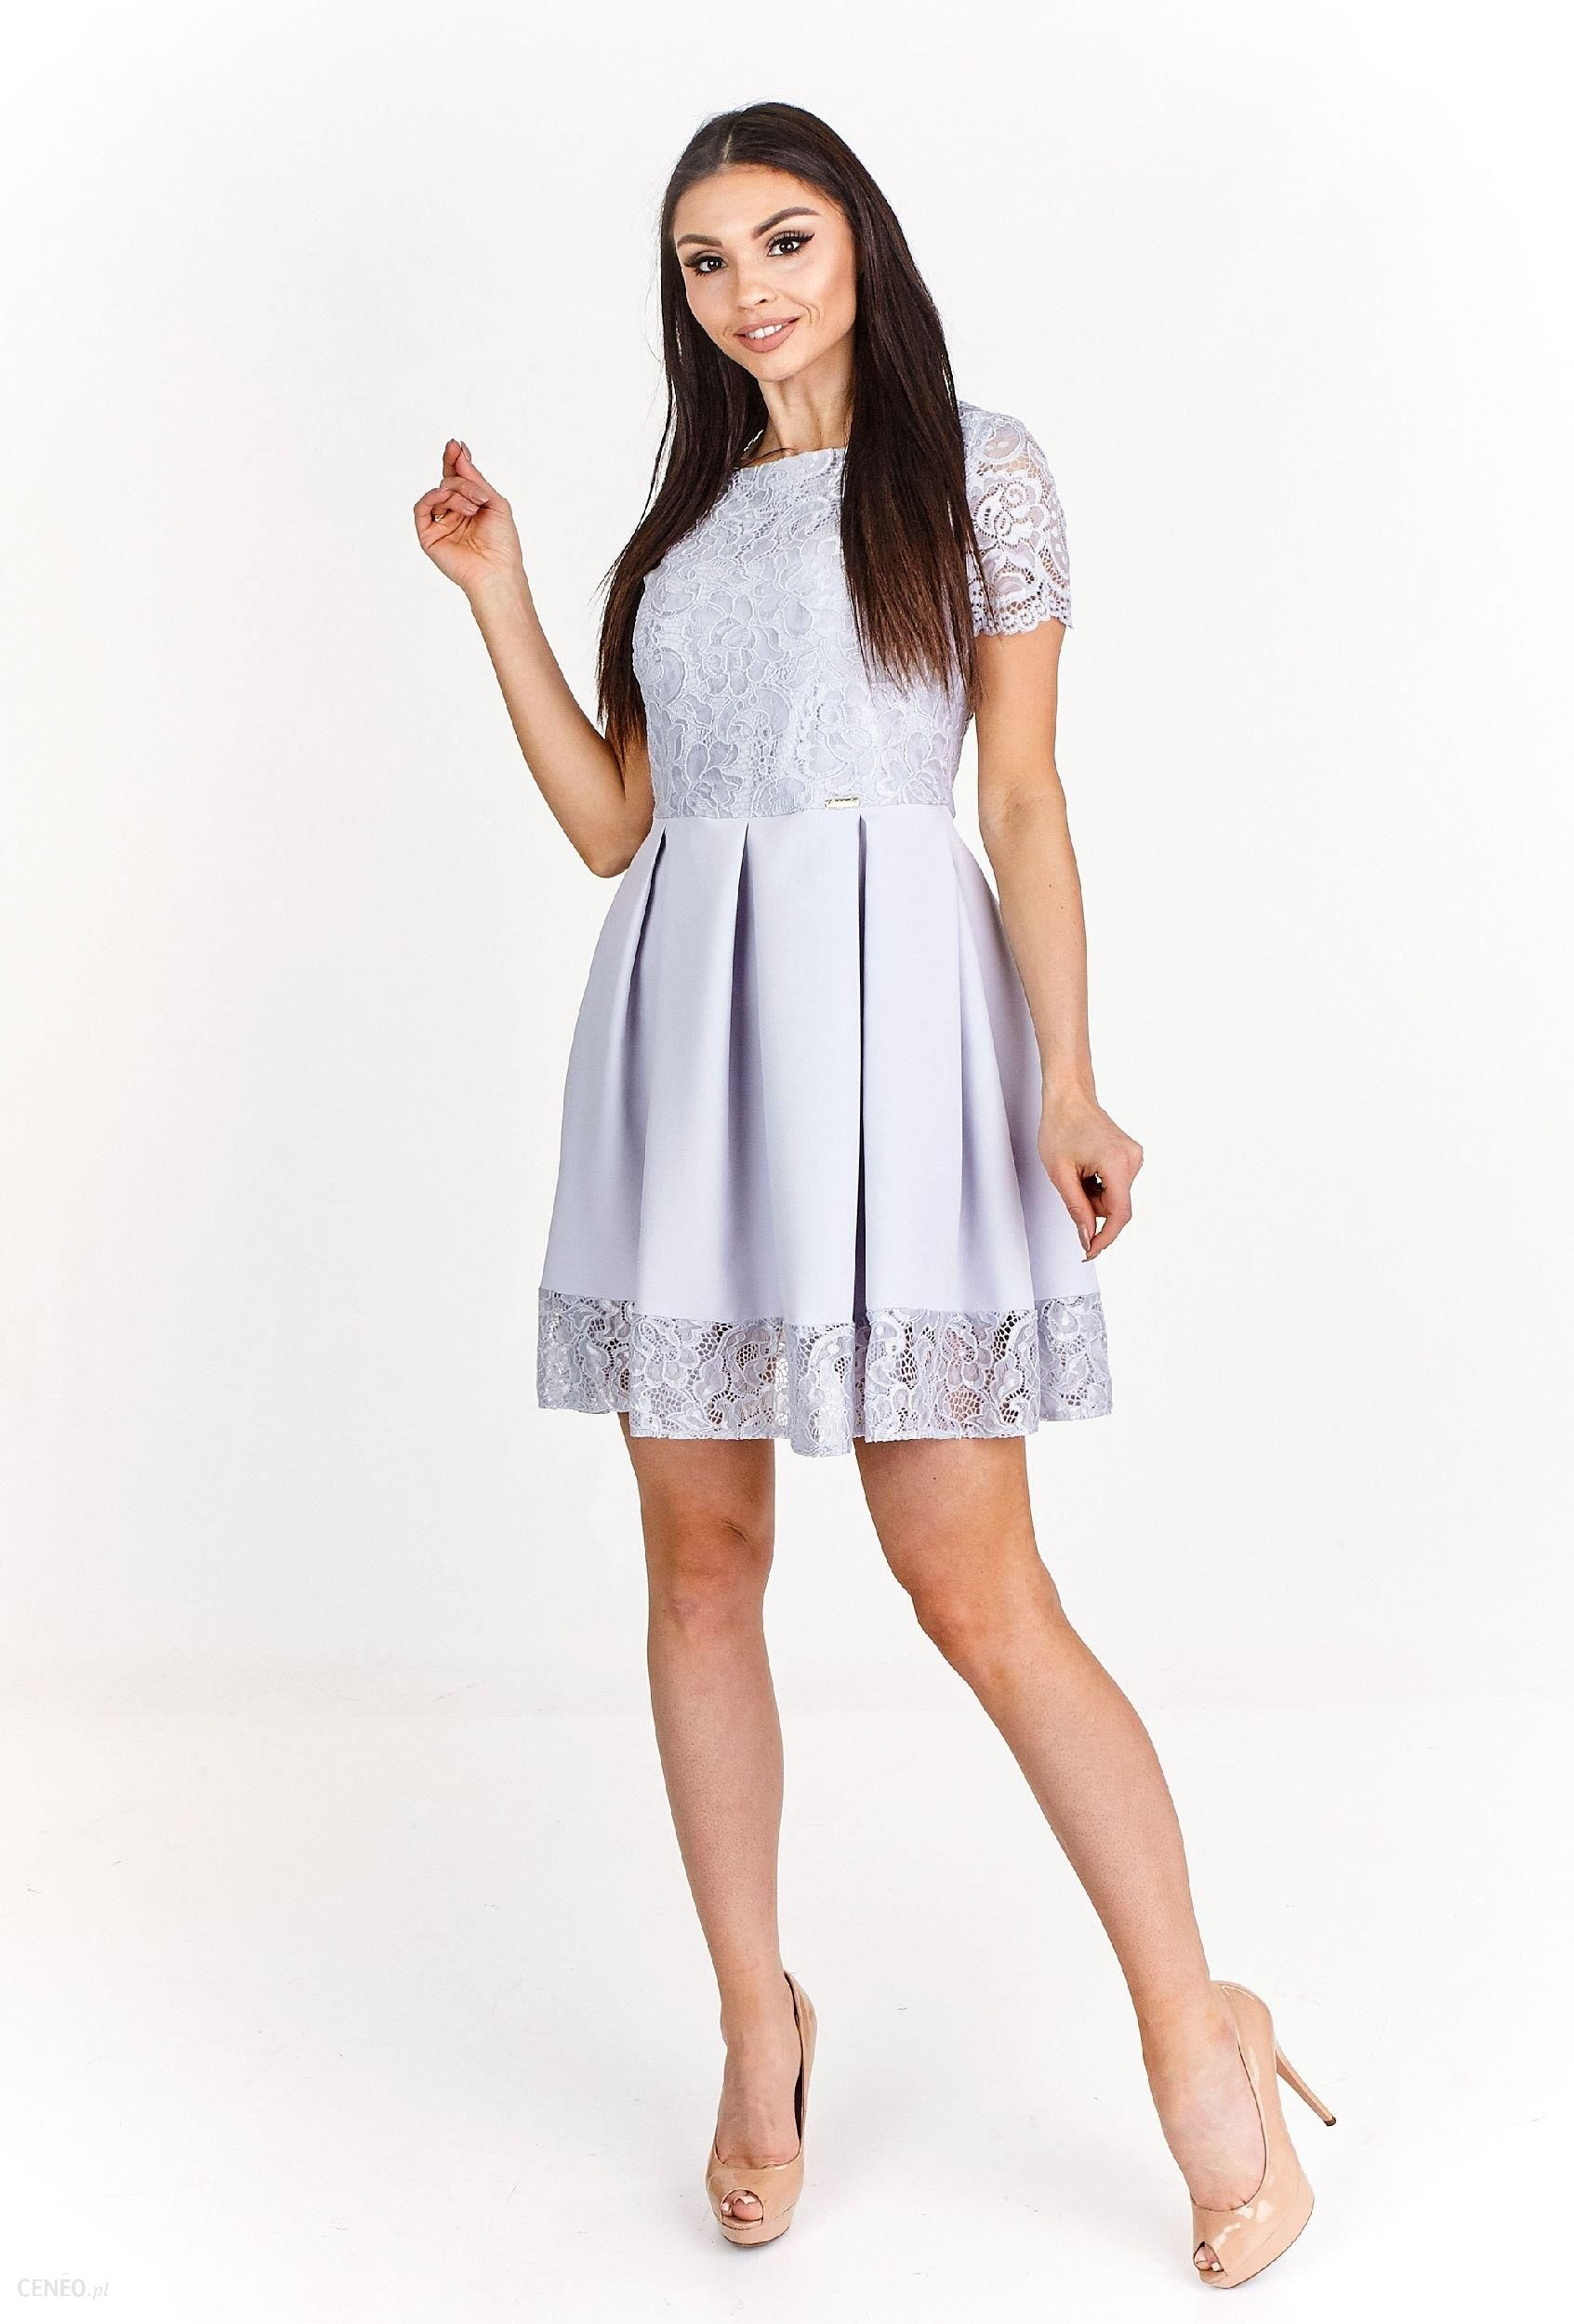 8c273b1093 Ptak Moda Koktajlowa sukienka mini wykończona koronką M54889 szara r. 40 -  zdjęcie 1